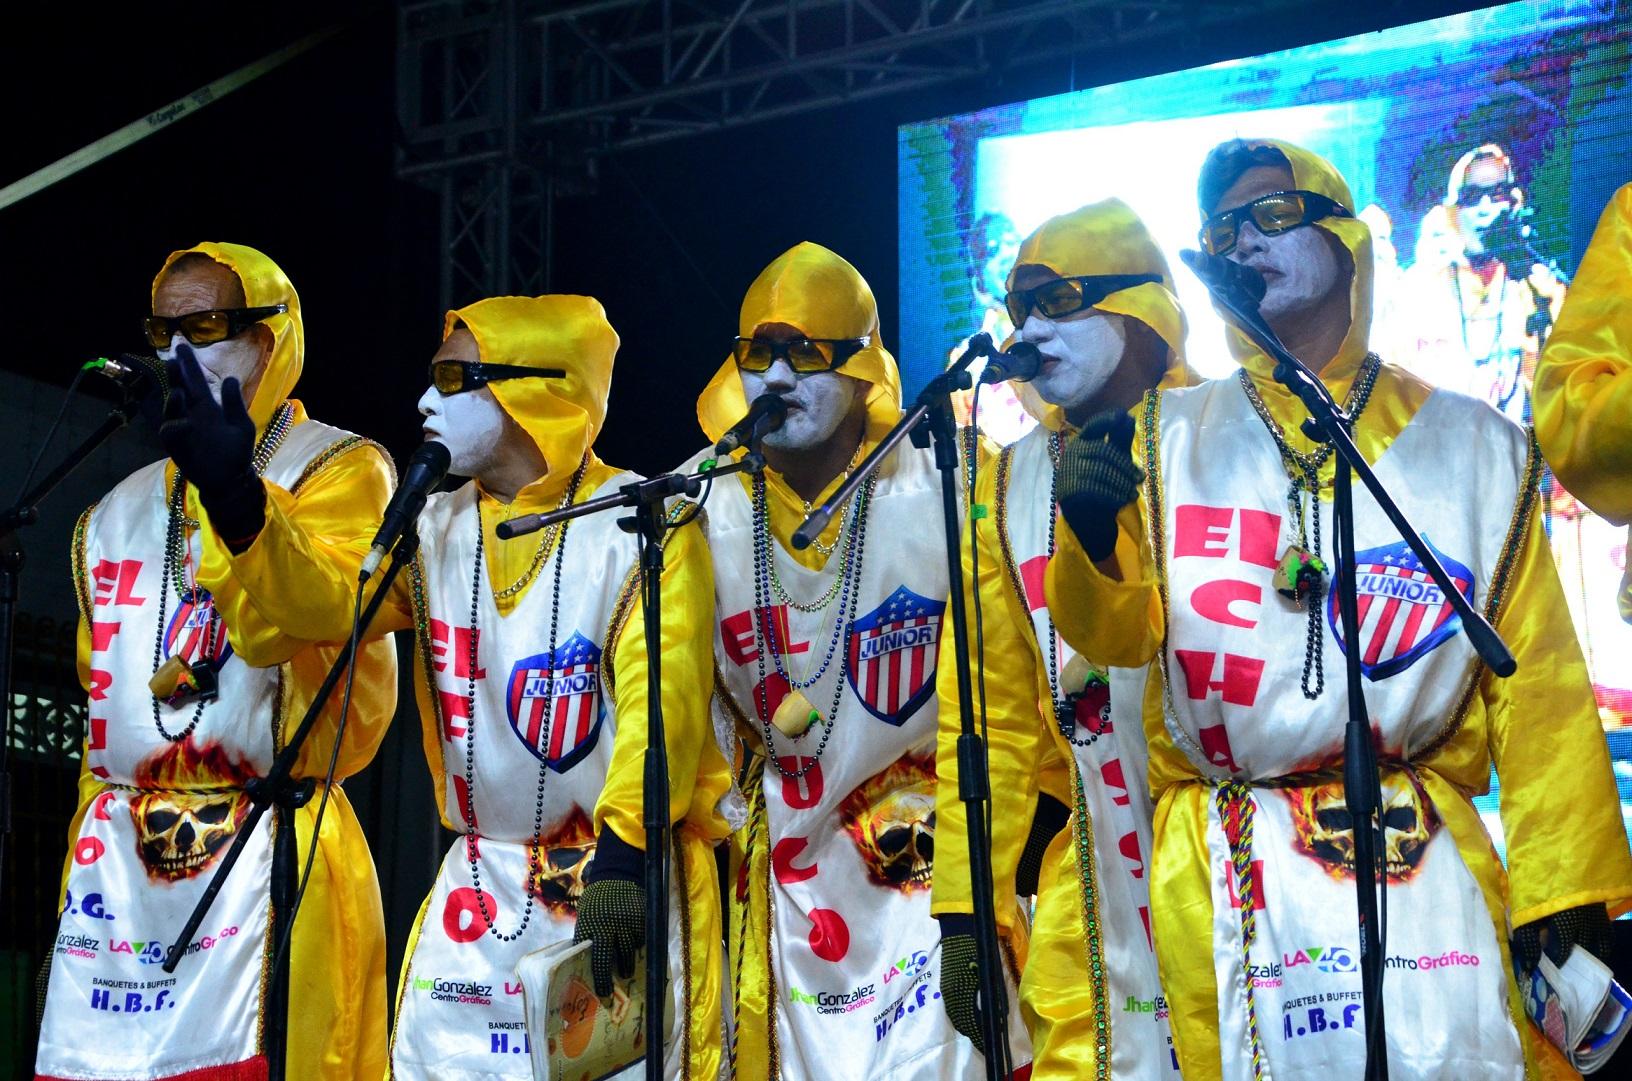 Dirigido a los actores del Carnaval de Barranquilla contiene las políticas e instrucciones para su inscripción en la fiesta